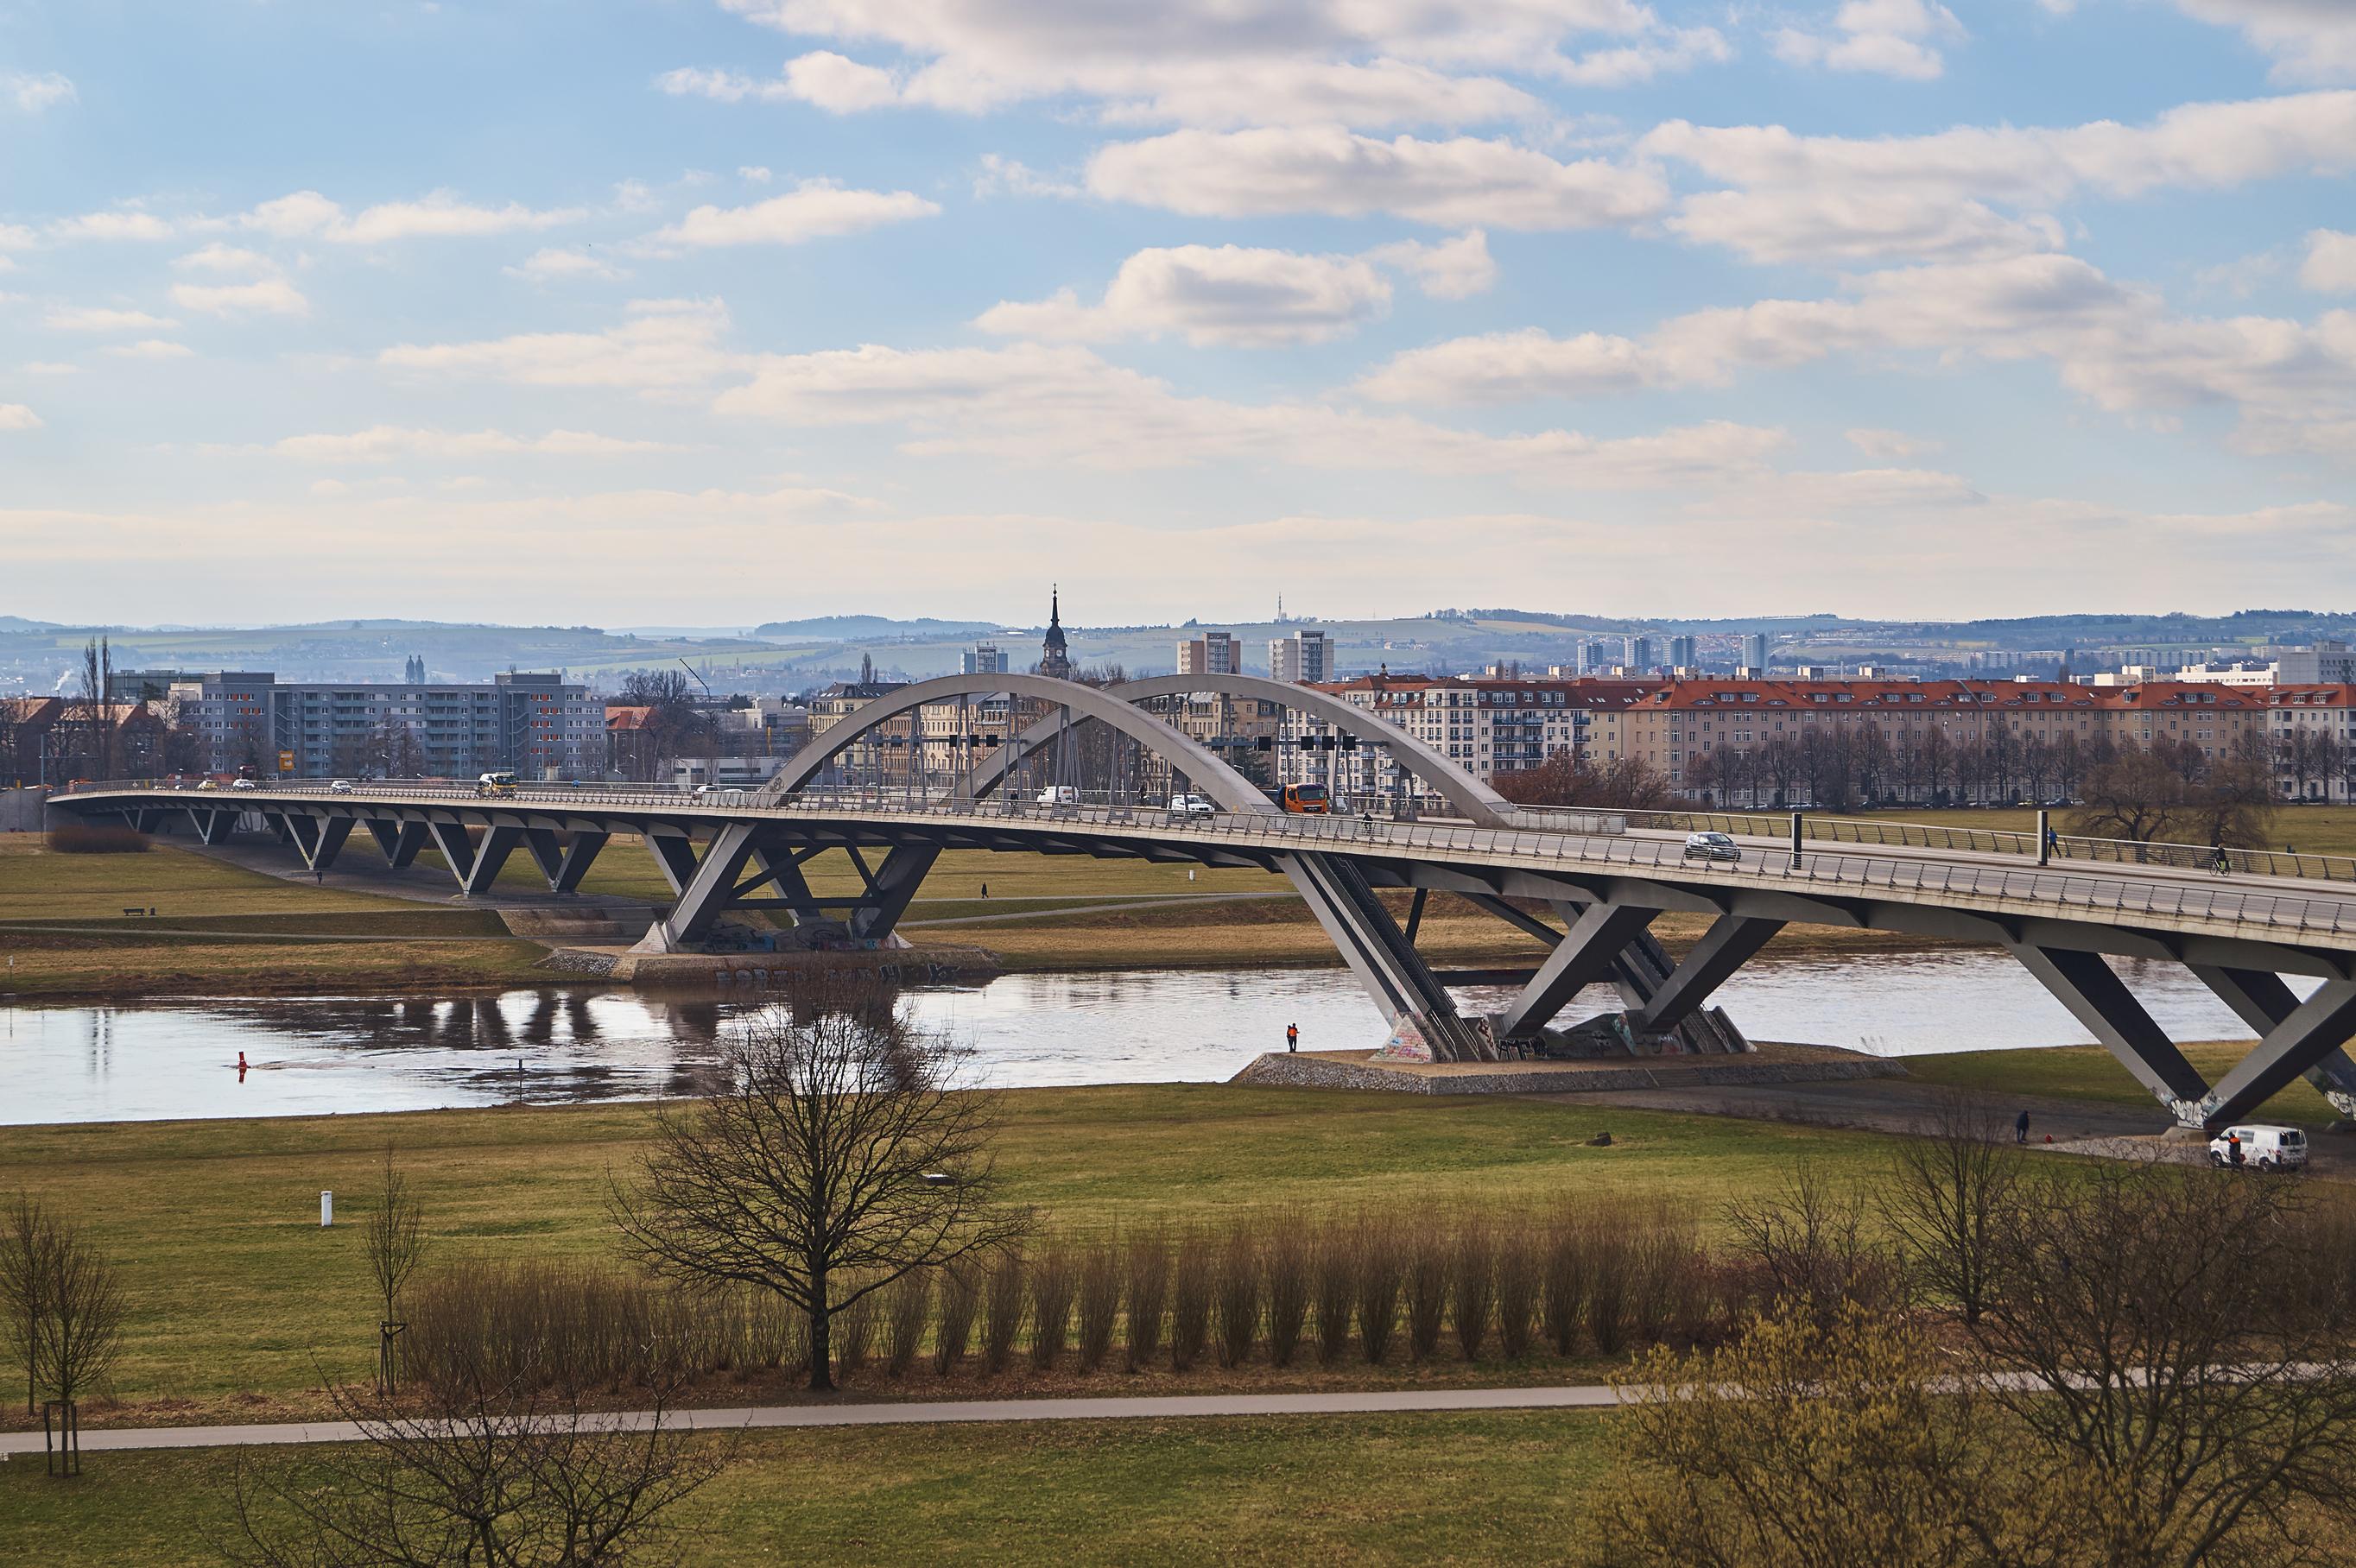 Die Waldschlösschenbrücke verbindet Johannstadt mit der anderen Elbseite